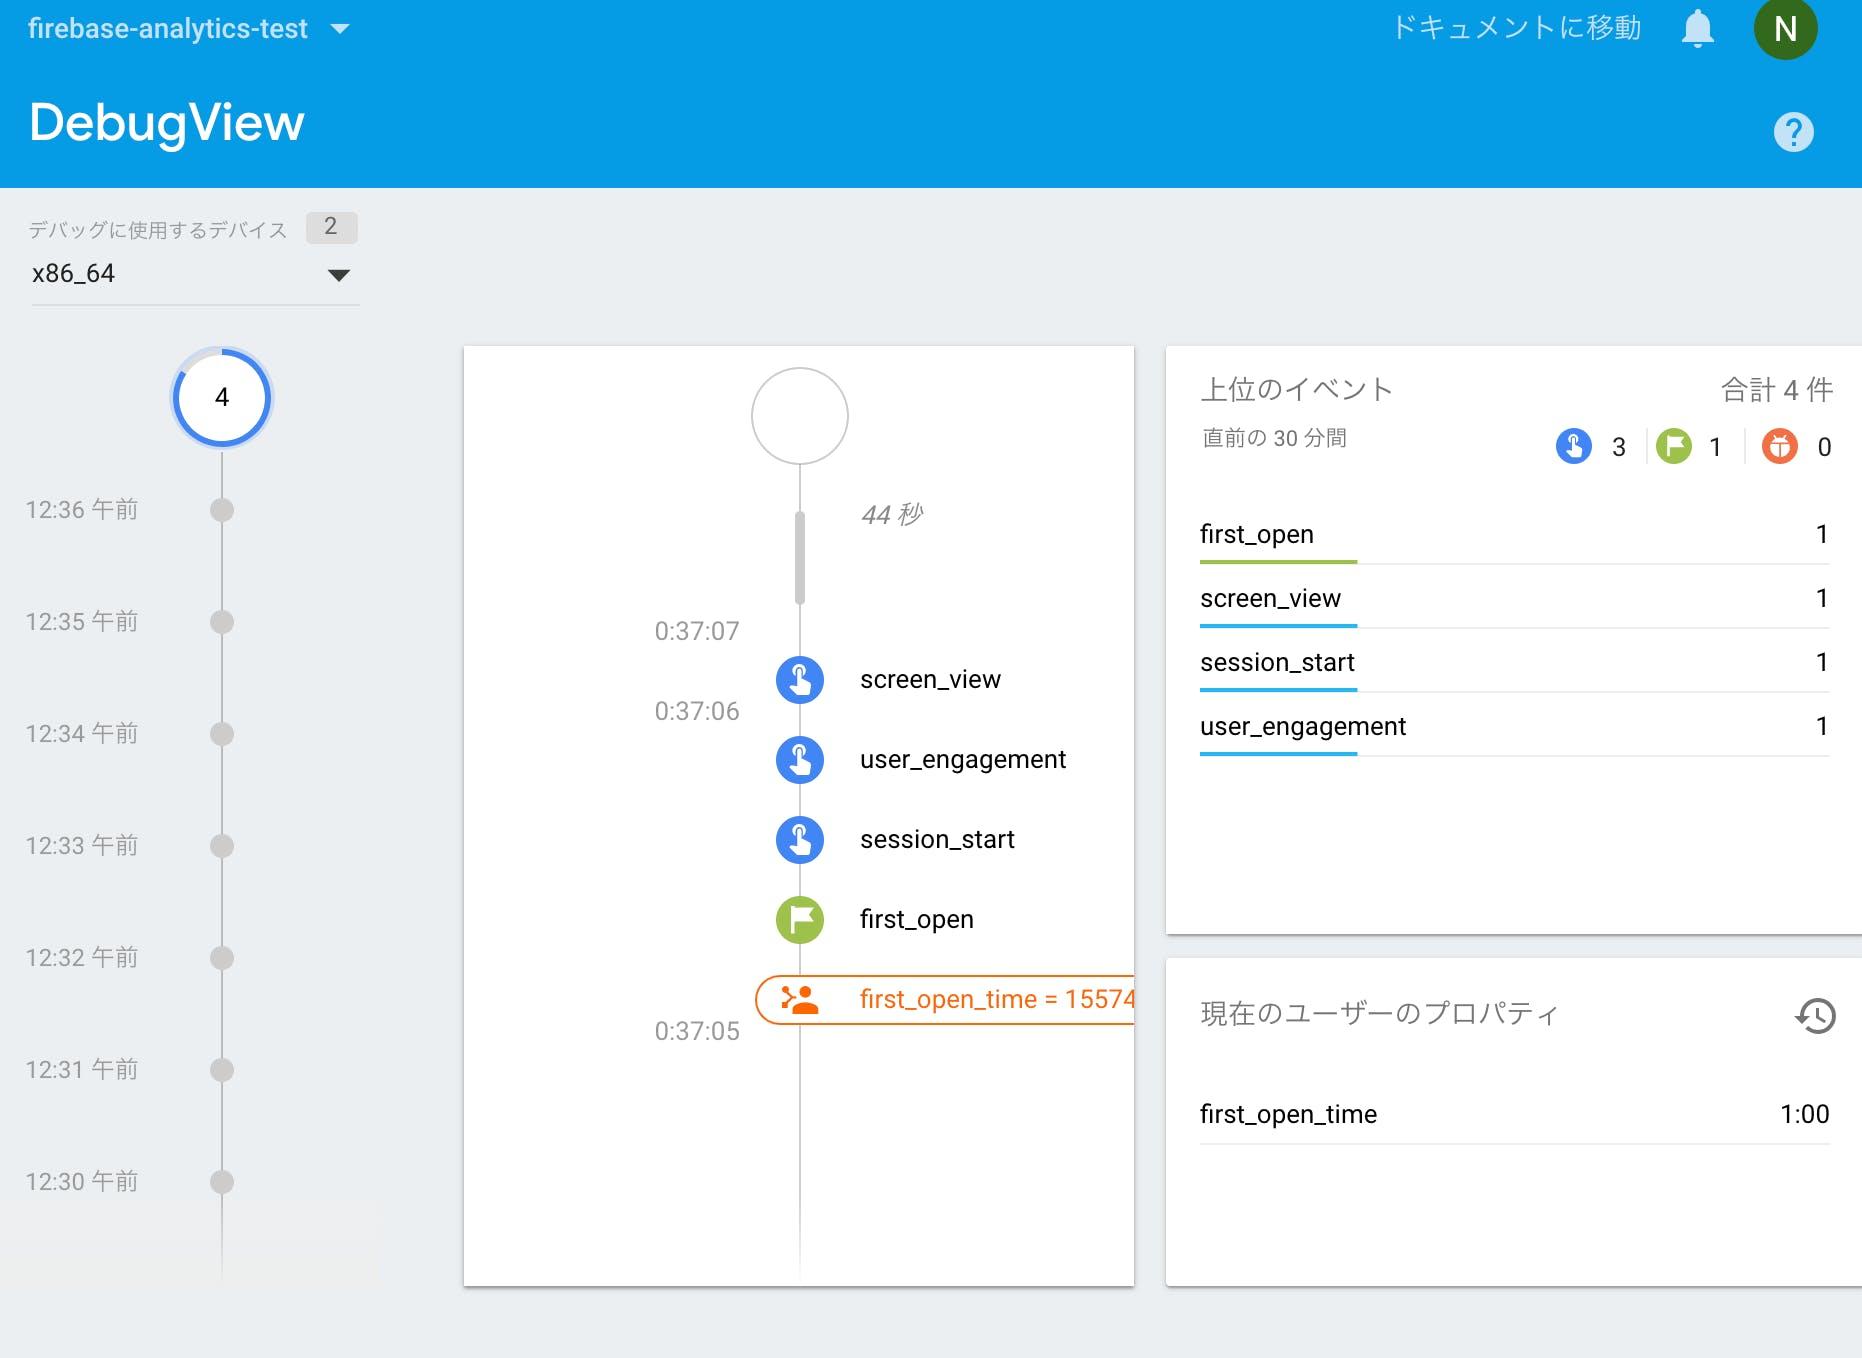 20190510-firebase-analytics-debugView.png